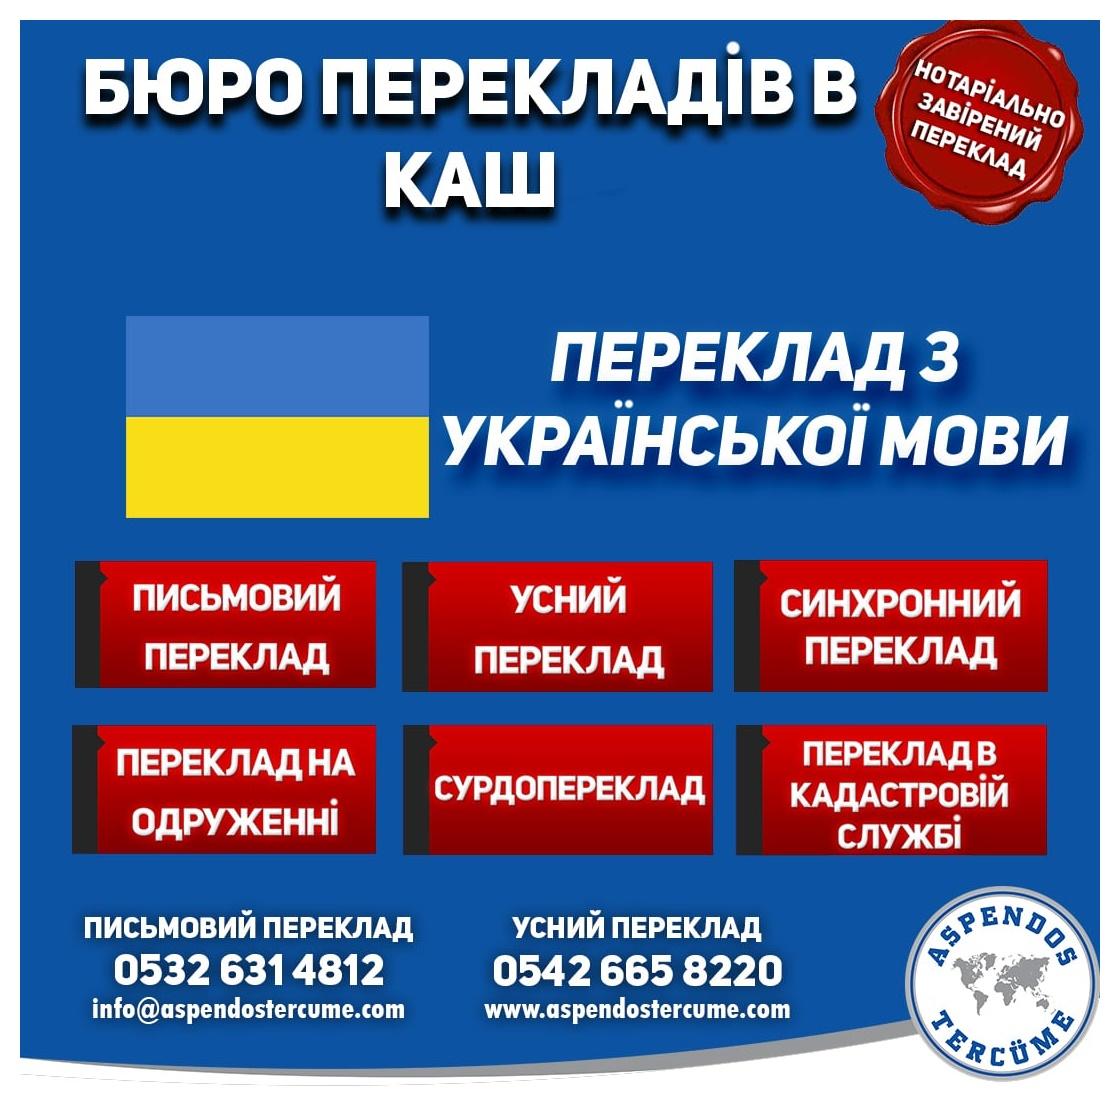 каш_бюро_перекладів_український_переклад